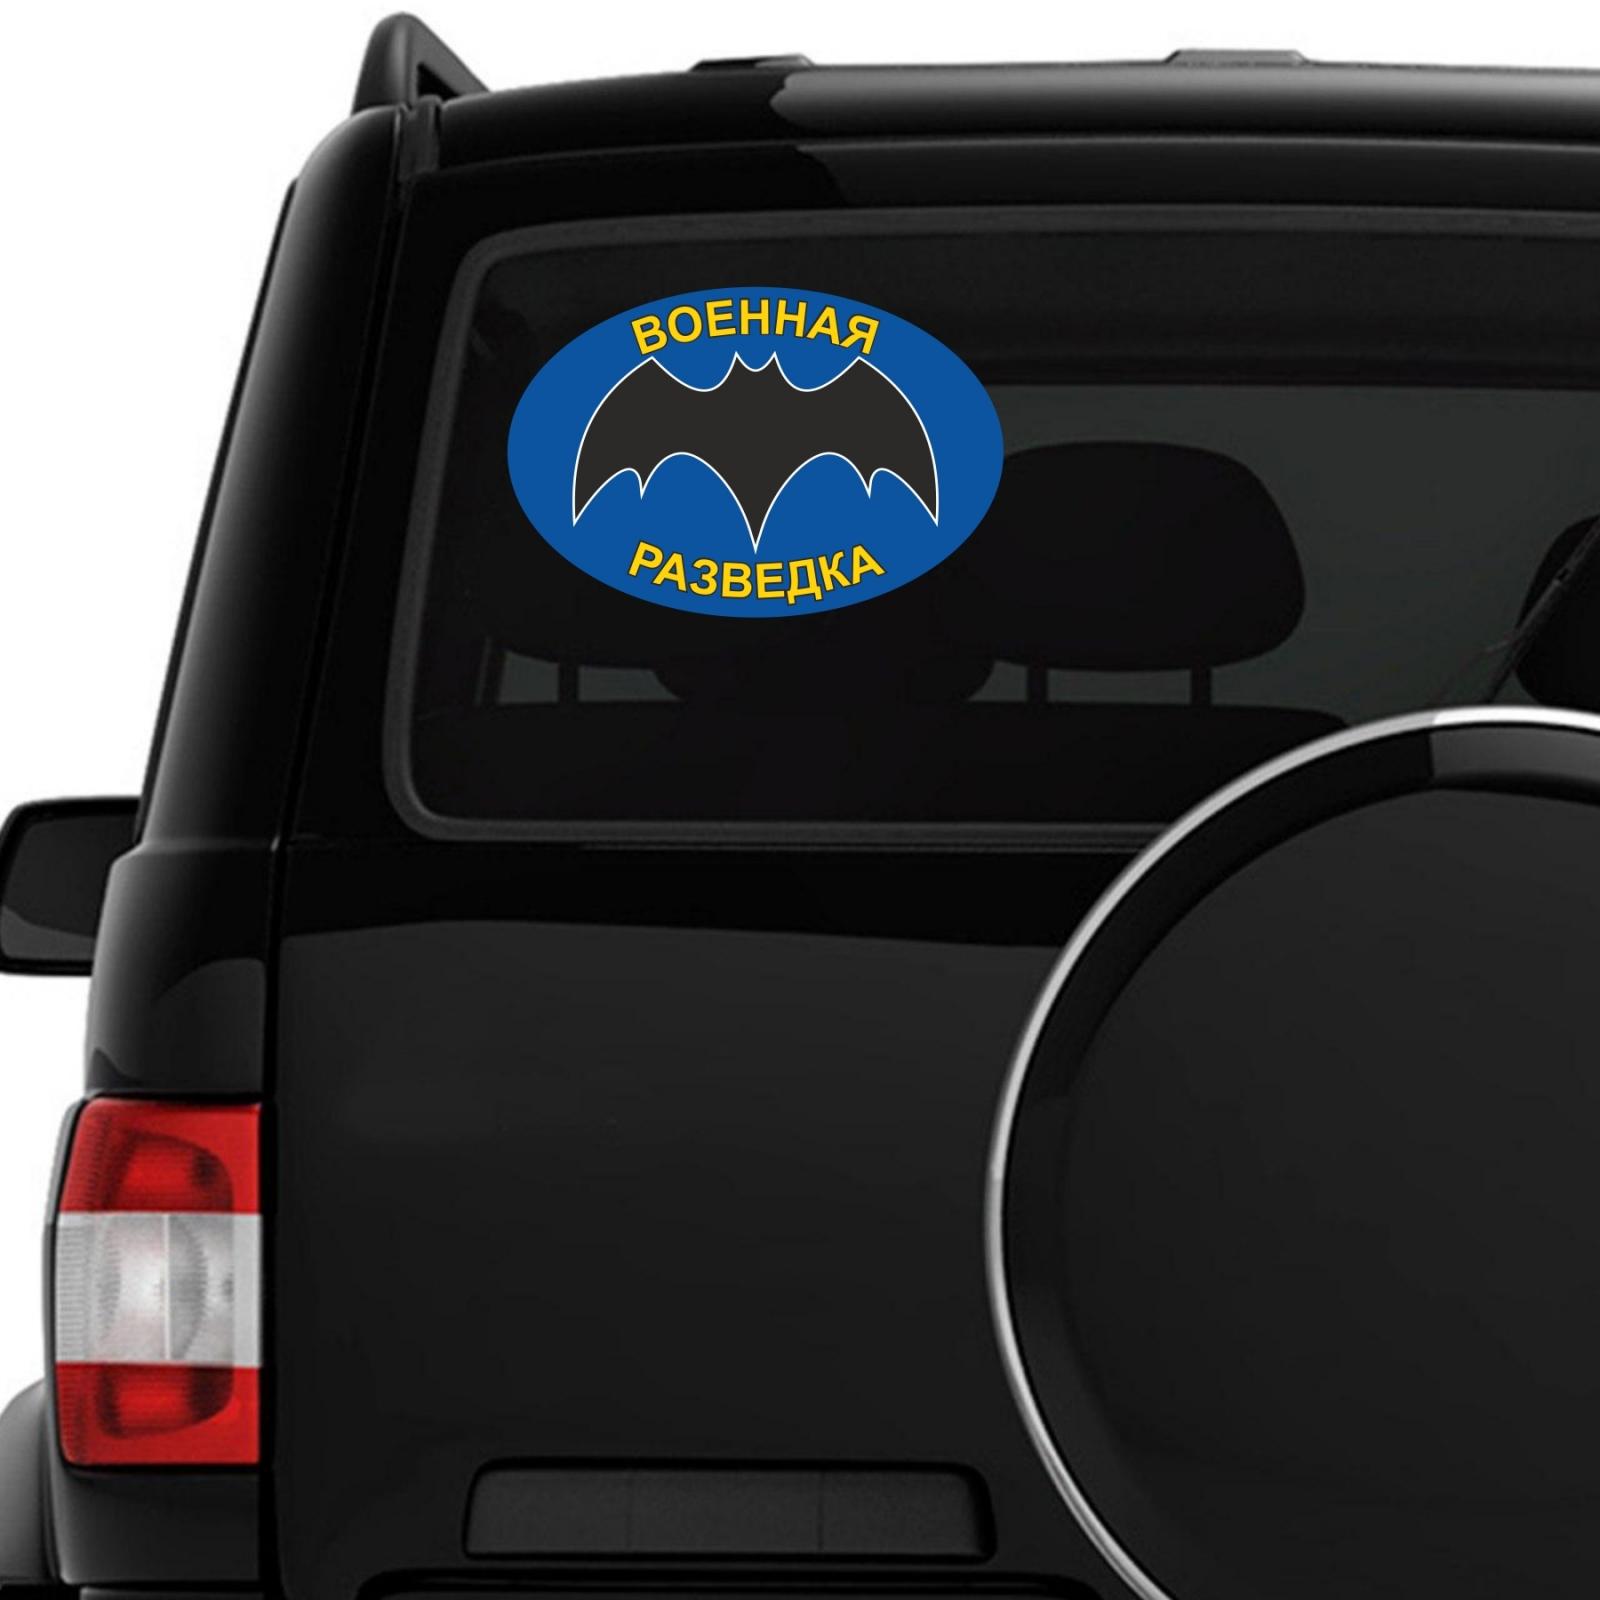 Автомобильная наклейка для военных разведчиков - недорого в Военпро